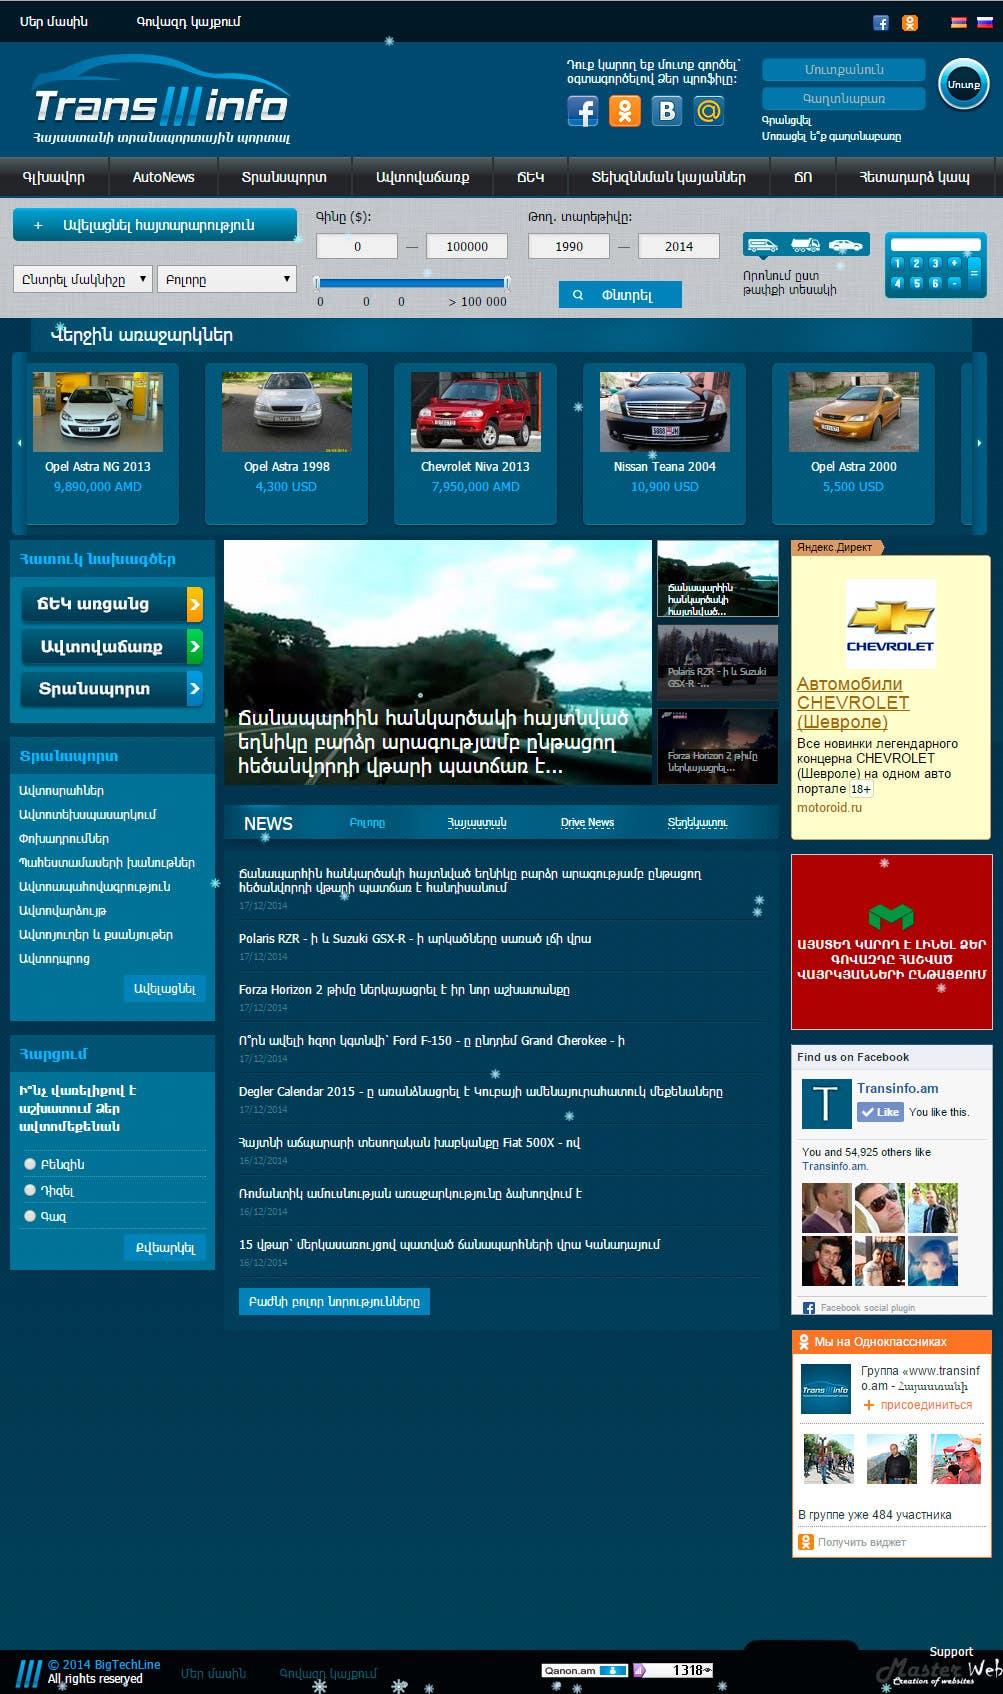 www.transinfo.am